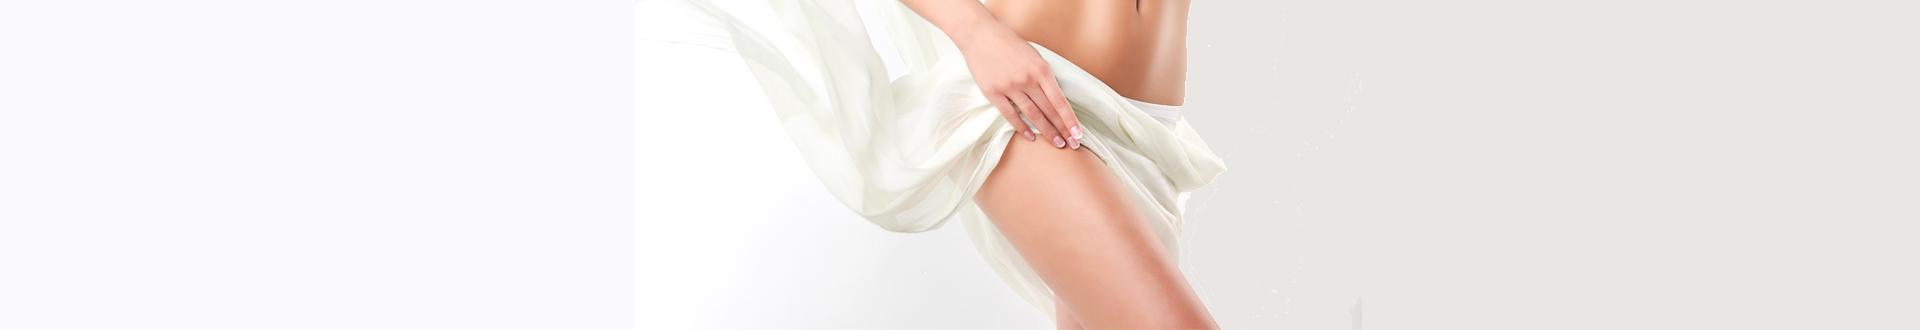 Dermaclinic propose une solution pour faire face au relâchement cutanée!